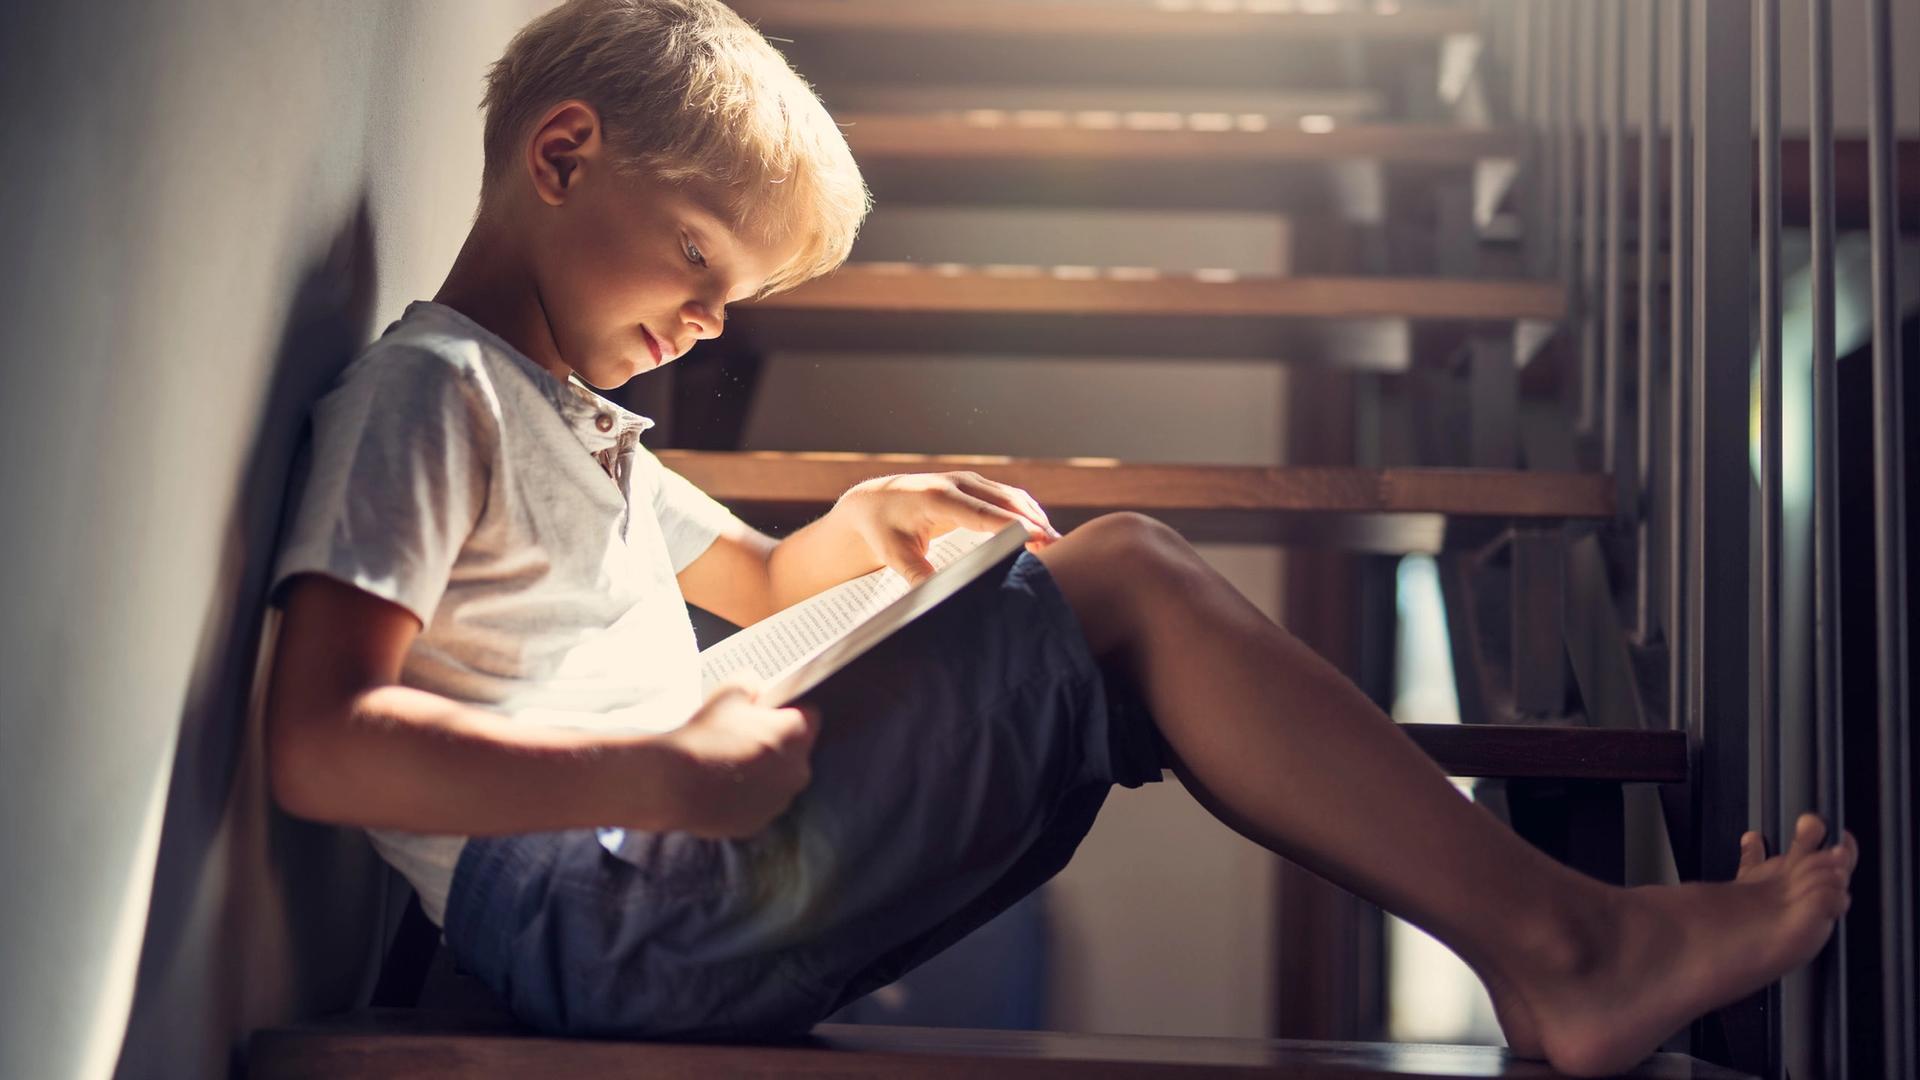 Et barn leser en bok.